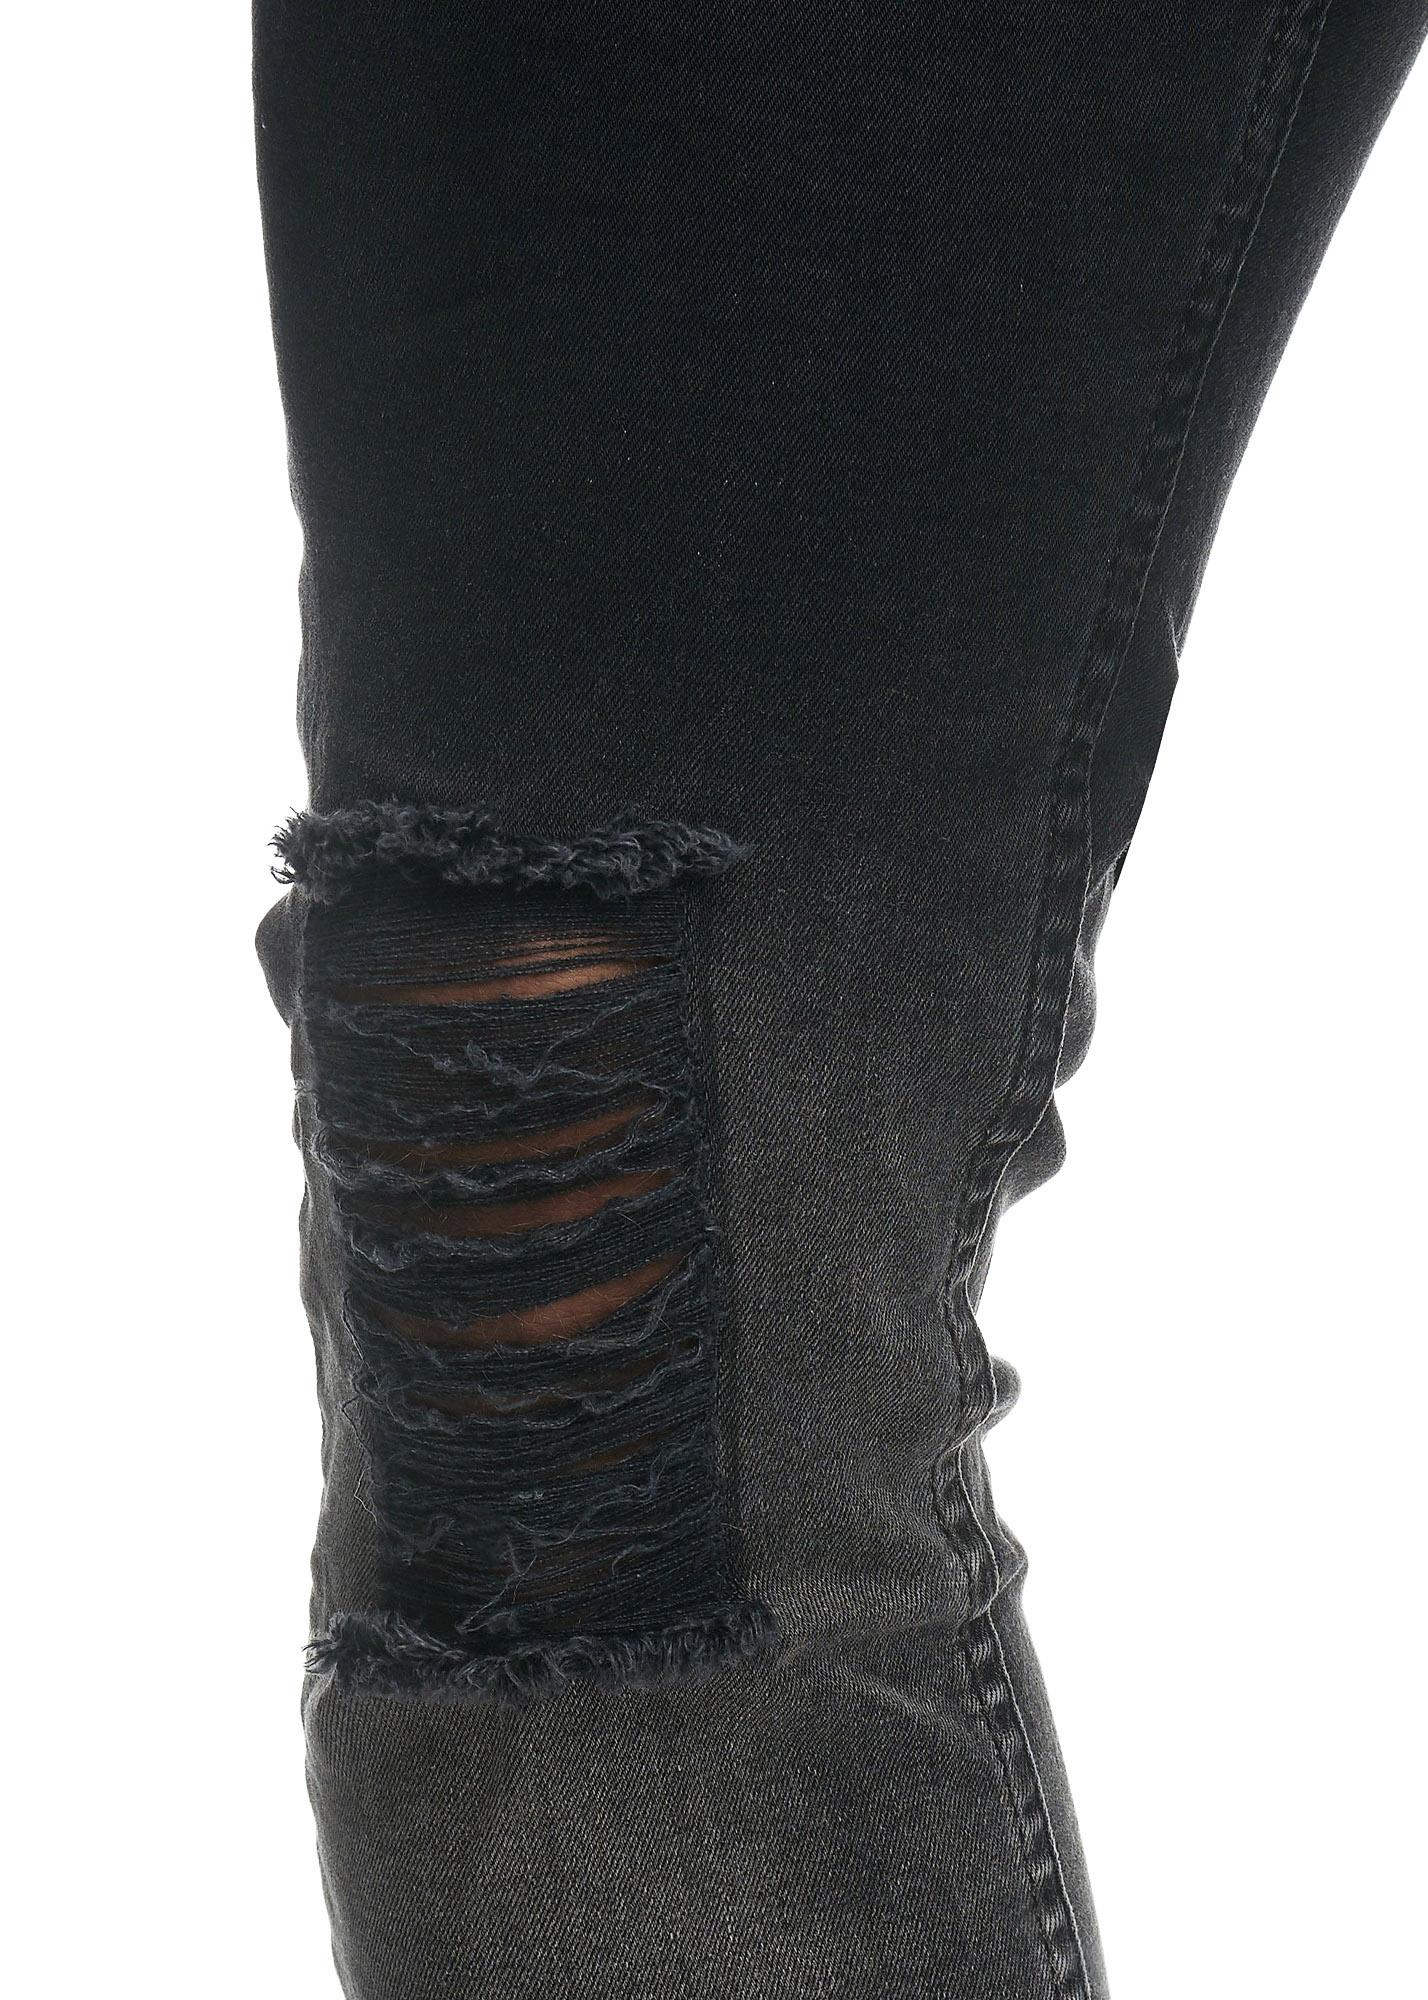 Jeans Faded Ripped Zwart Grijs